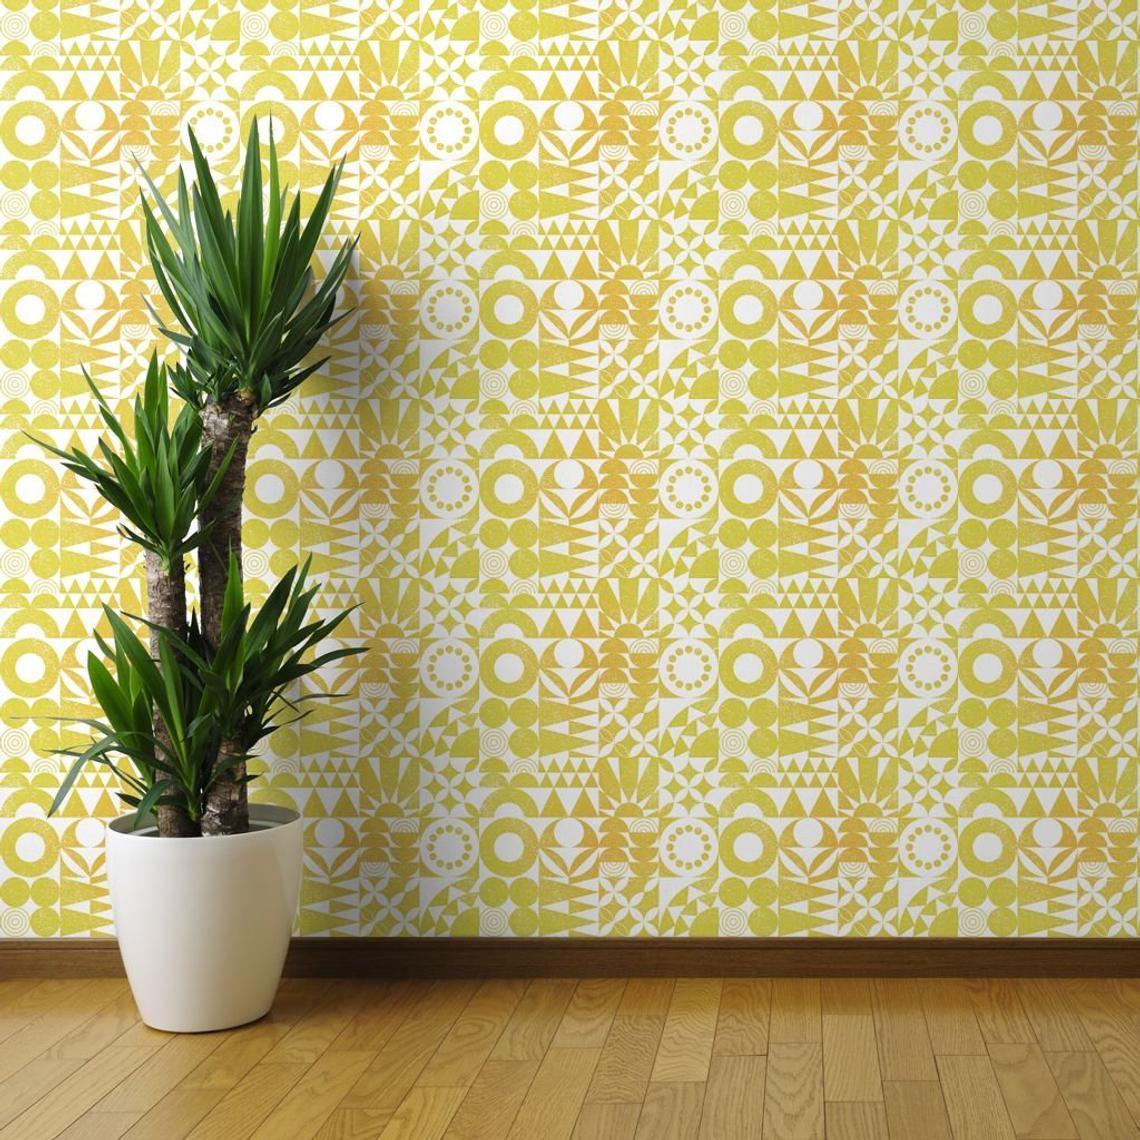 Yellow Mod Wallpaper Desert Sun By Analinea Modernism Etsy Brick Wallpaper Peel And Stick Wallpaper Wallpaper Roll